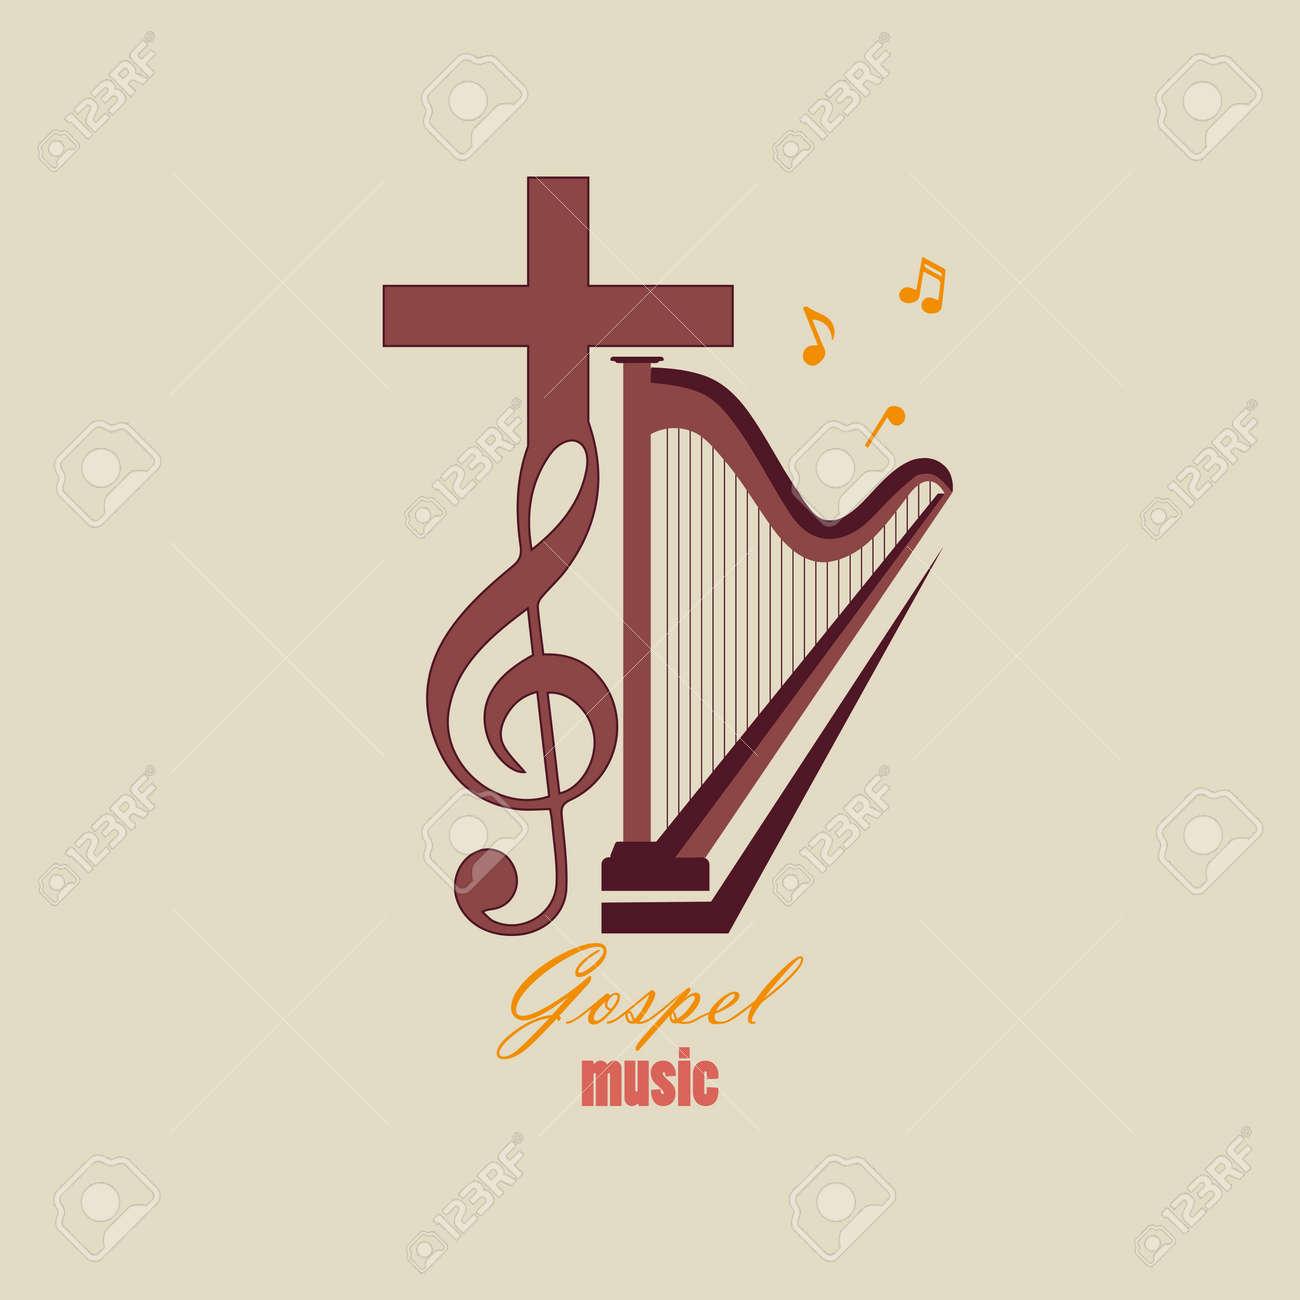 福音派の音楽を象徴する音楽のロ...